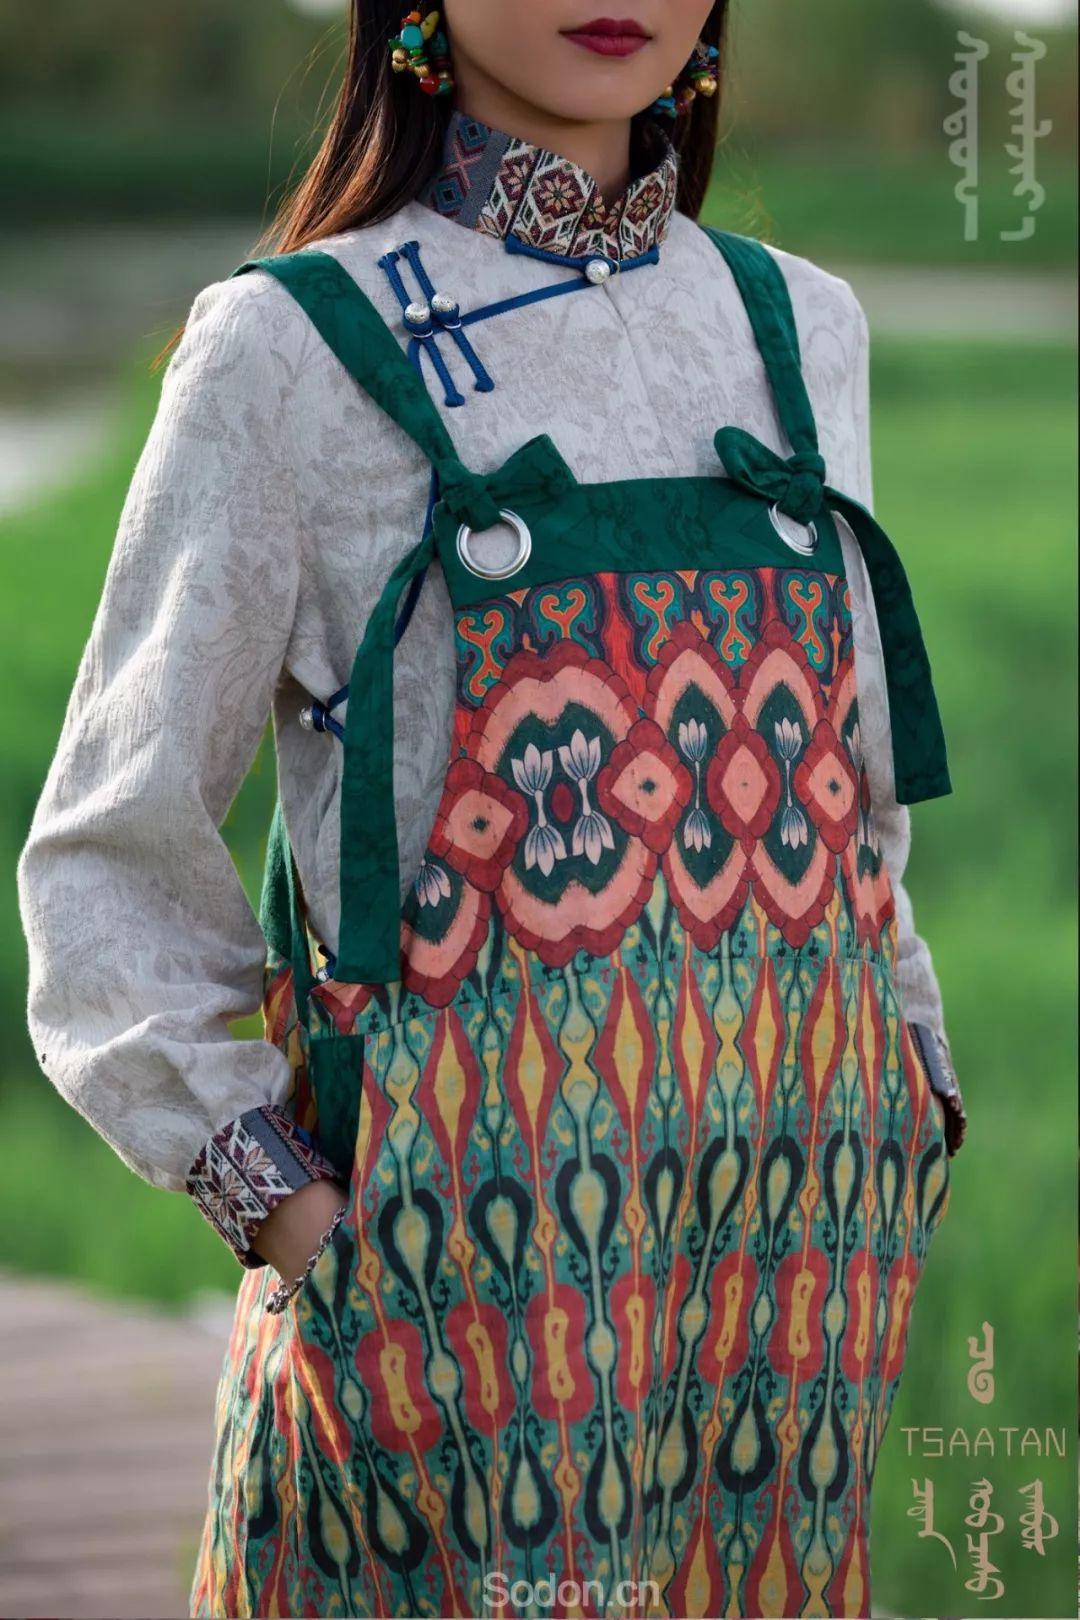 TSAATAN蒙古时装 2019新款,来自驯鹿人的独特魅力! 第79张